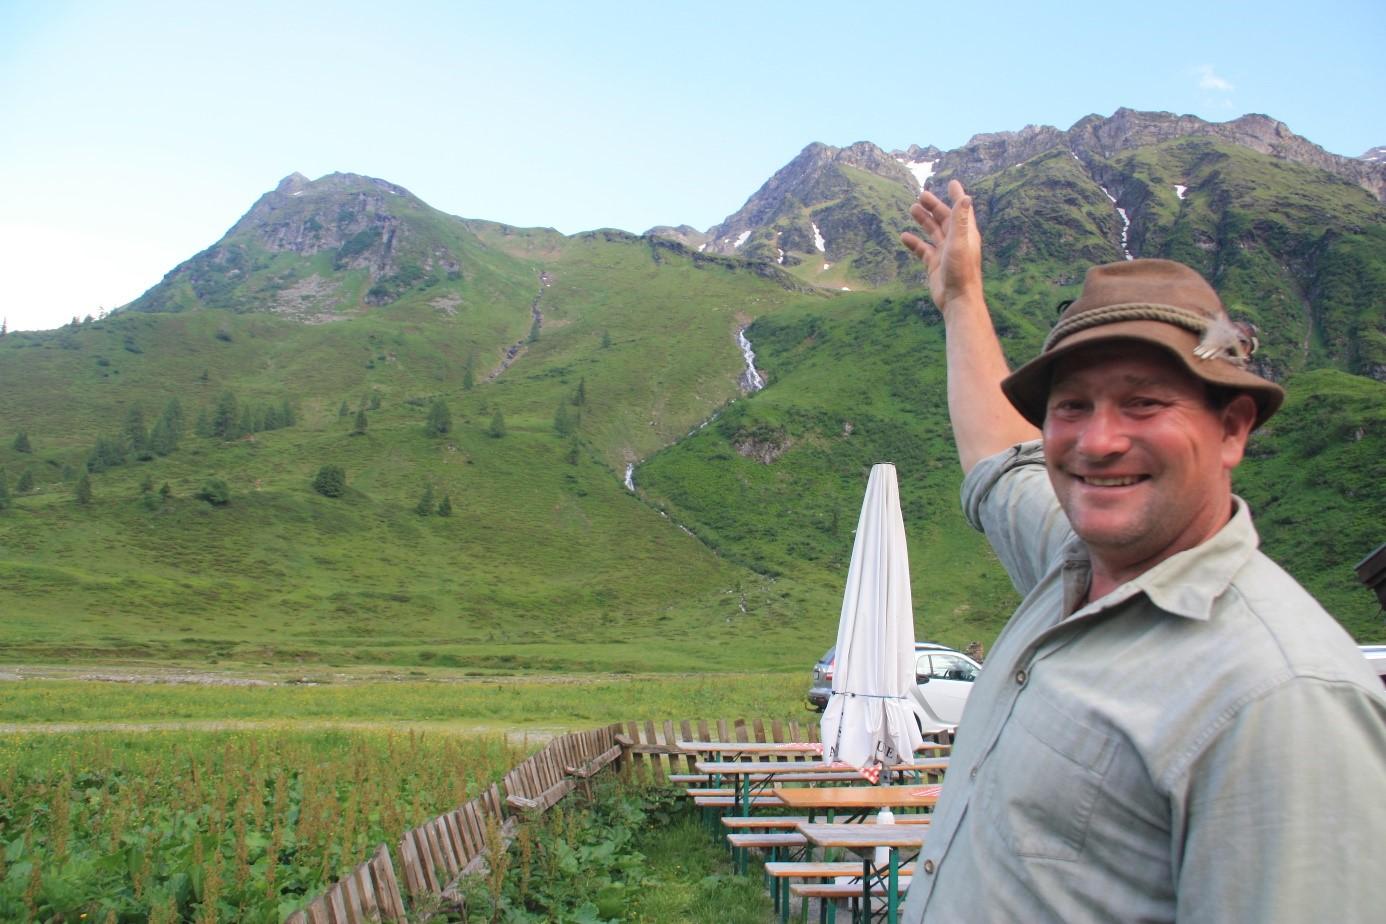 © SalzburgerLand Tourismus, Martina Egger, Tom und Simone genießen den Almsommer auf der Veitbauernalm